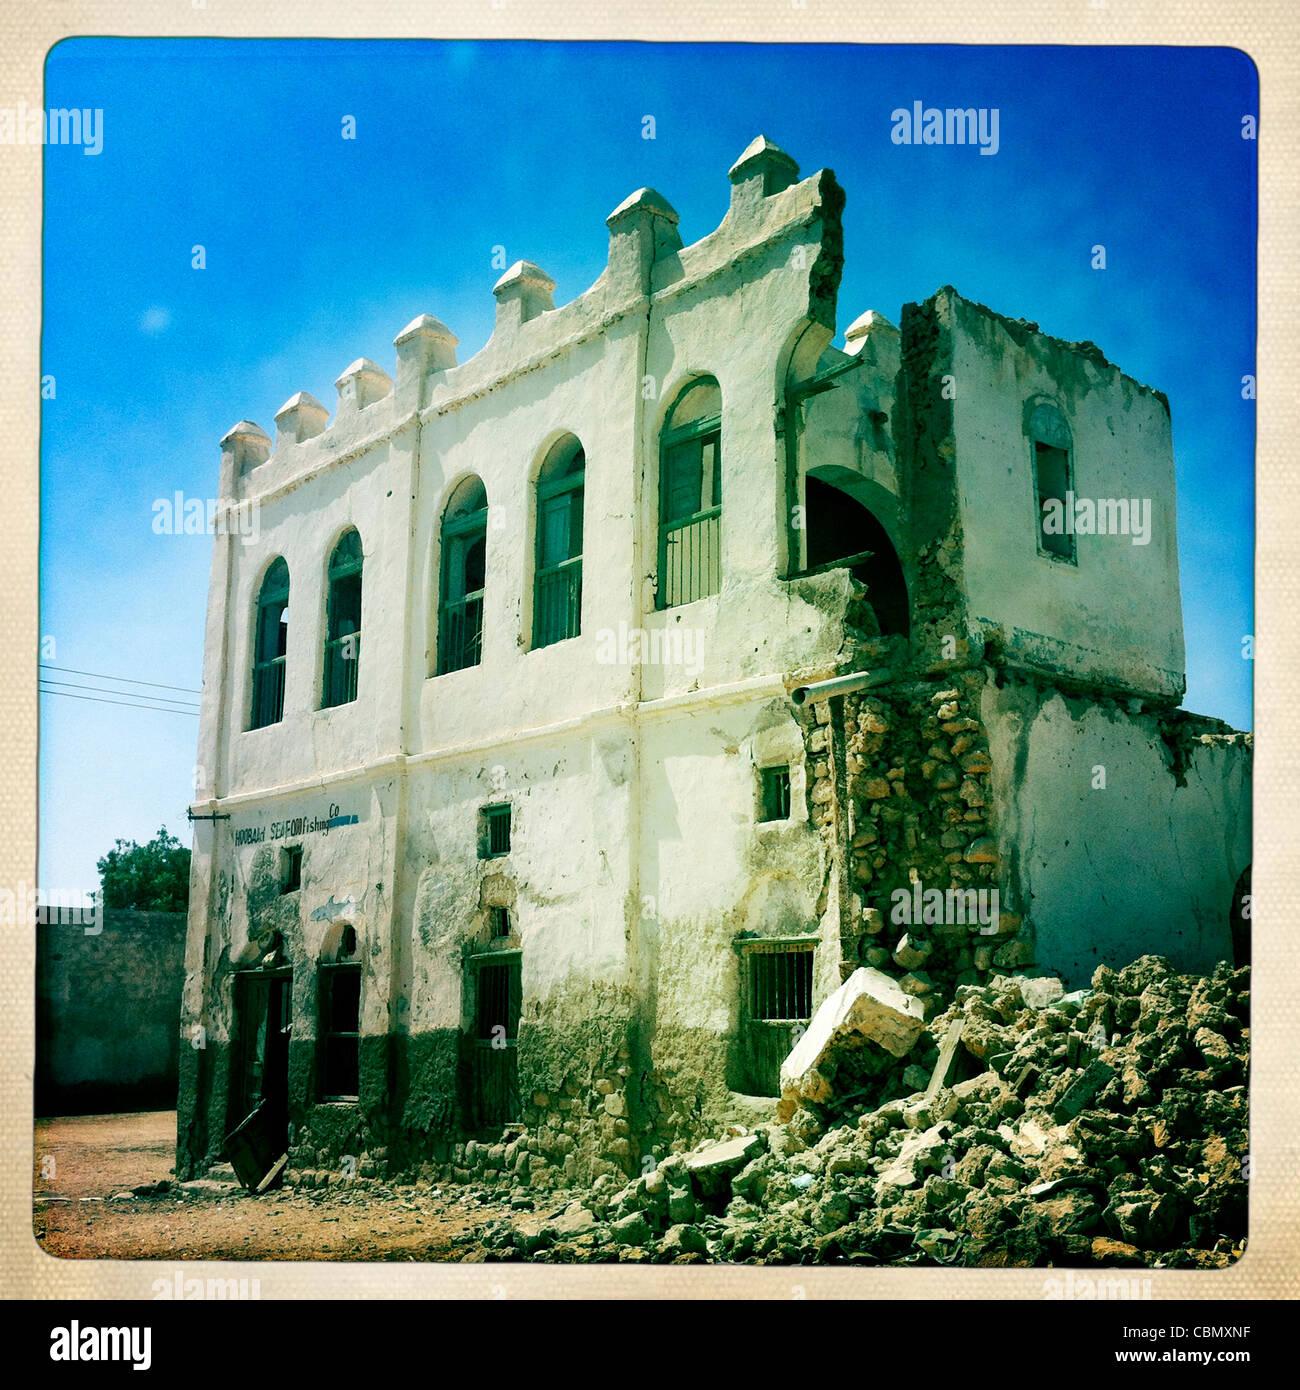 Former Ottoman Empire House Ruin Berbera Somaliland